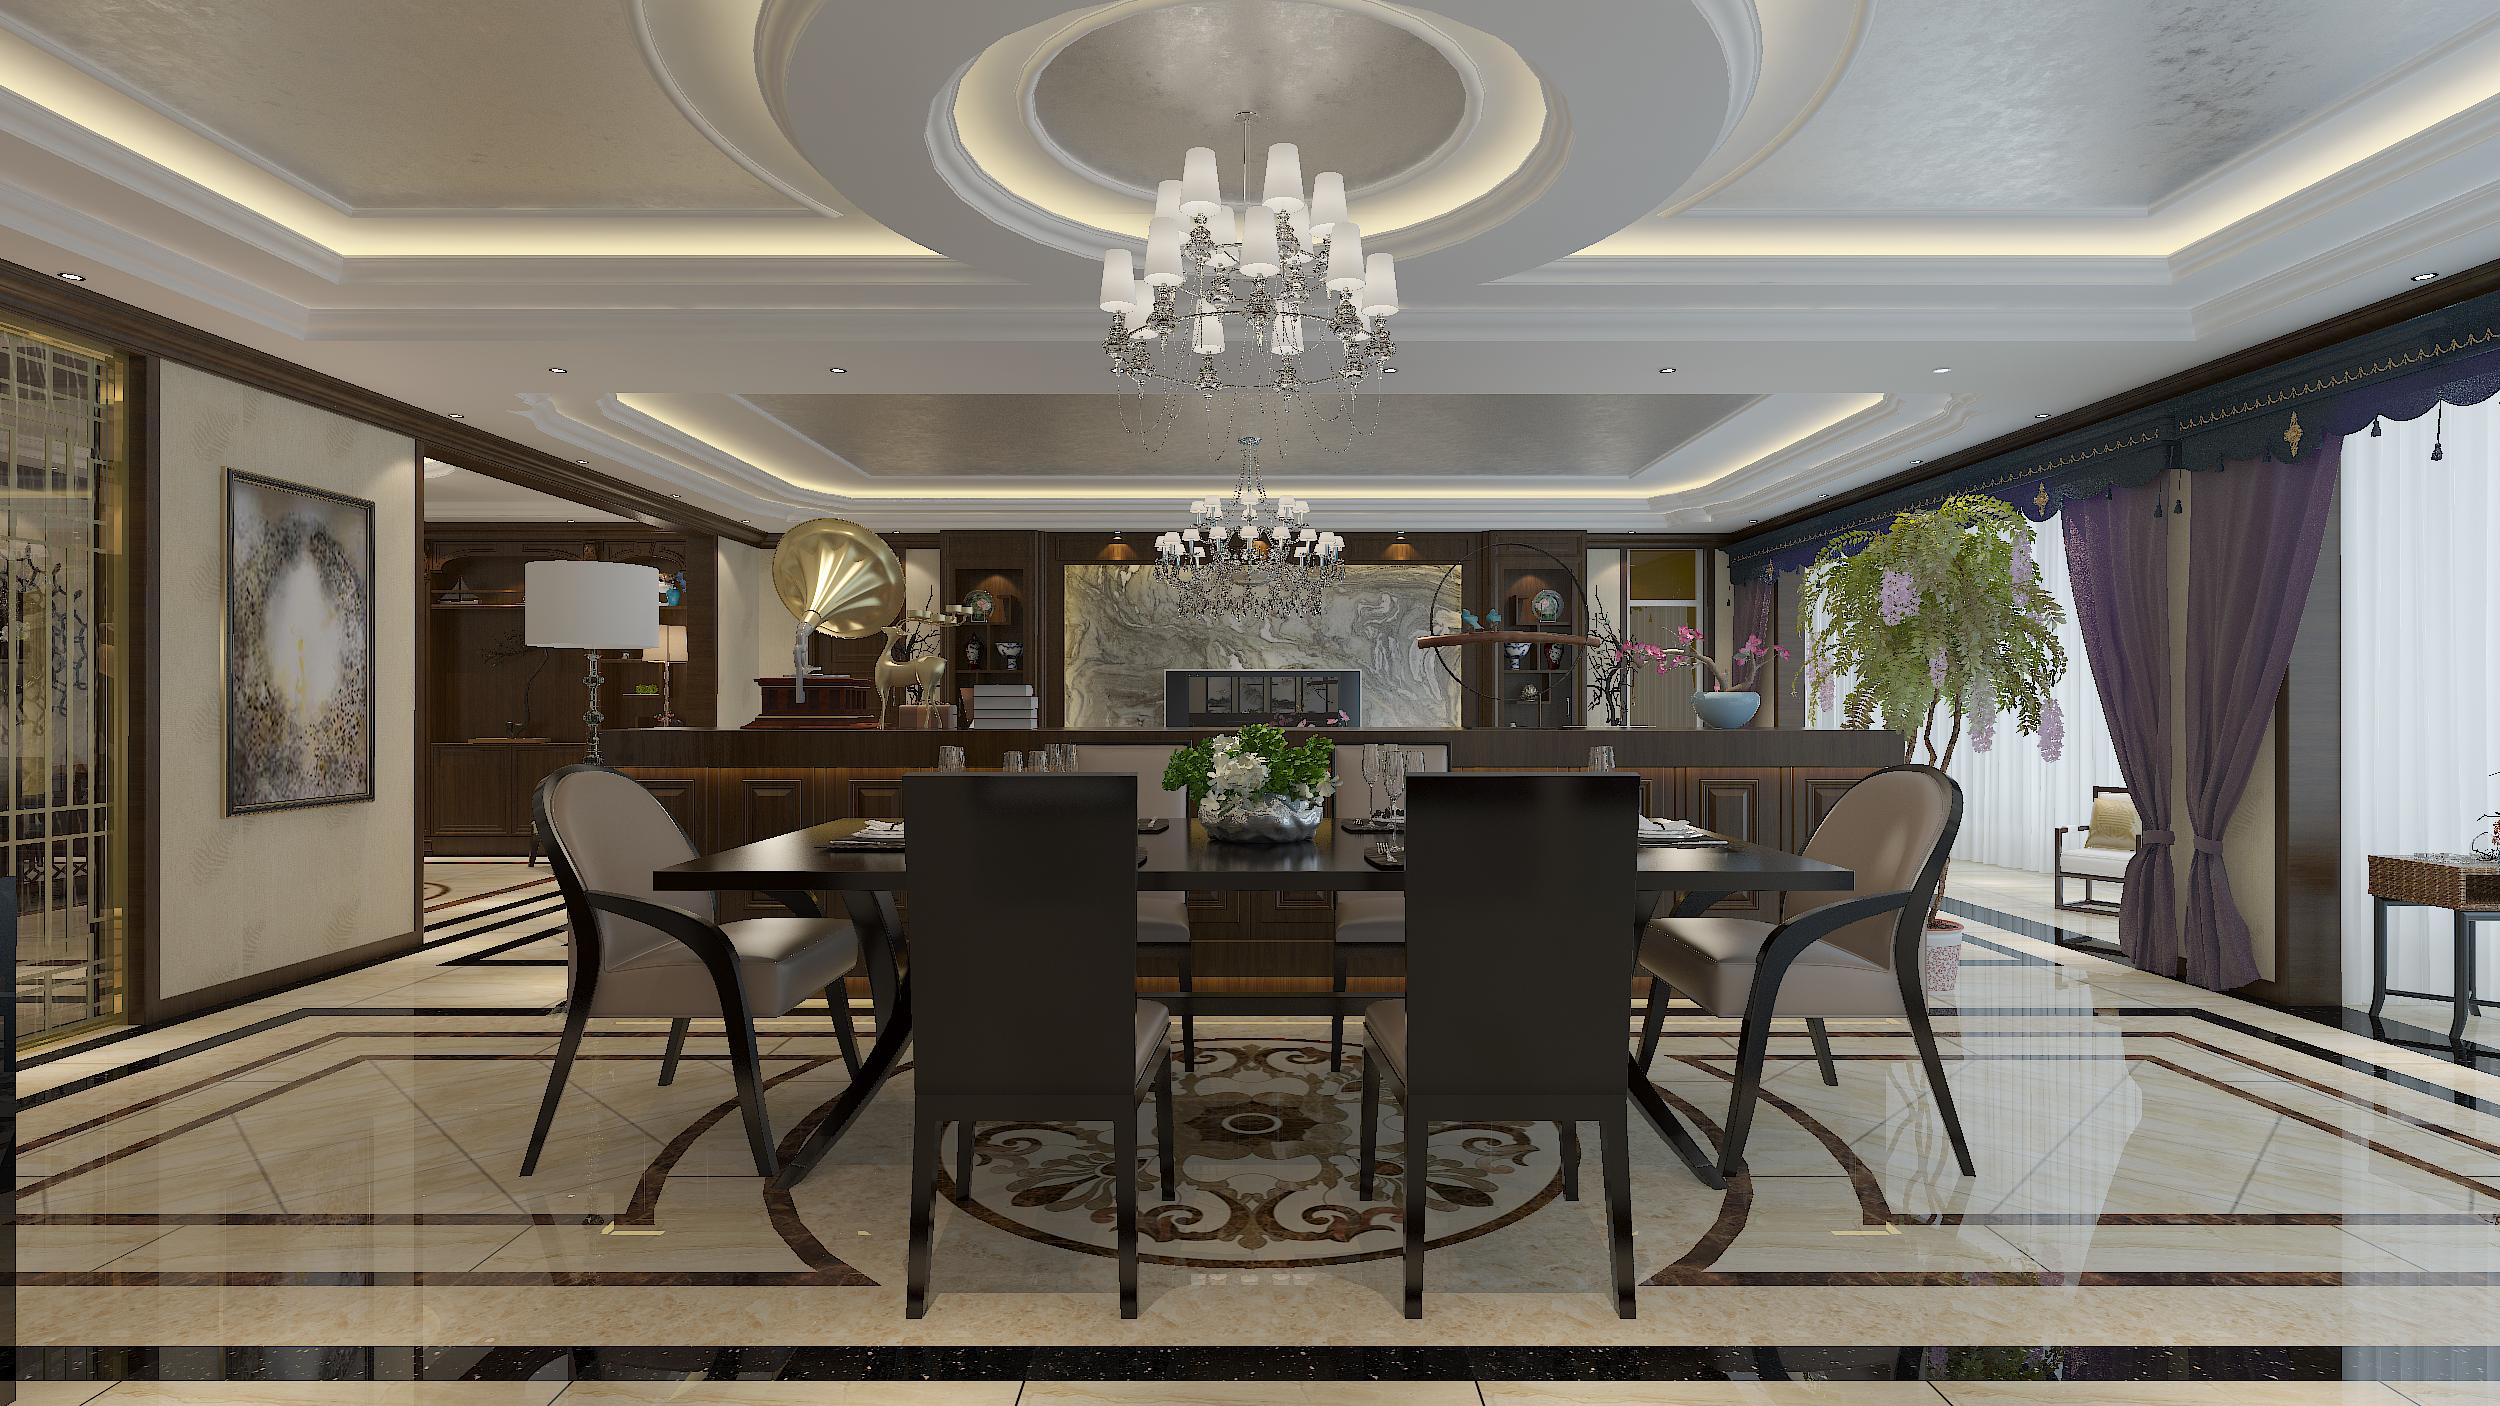 豪华中式装修餐客厅效果图